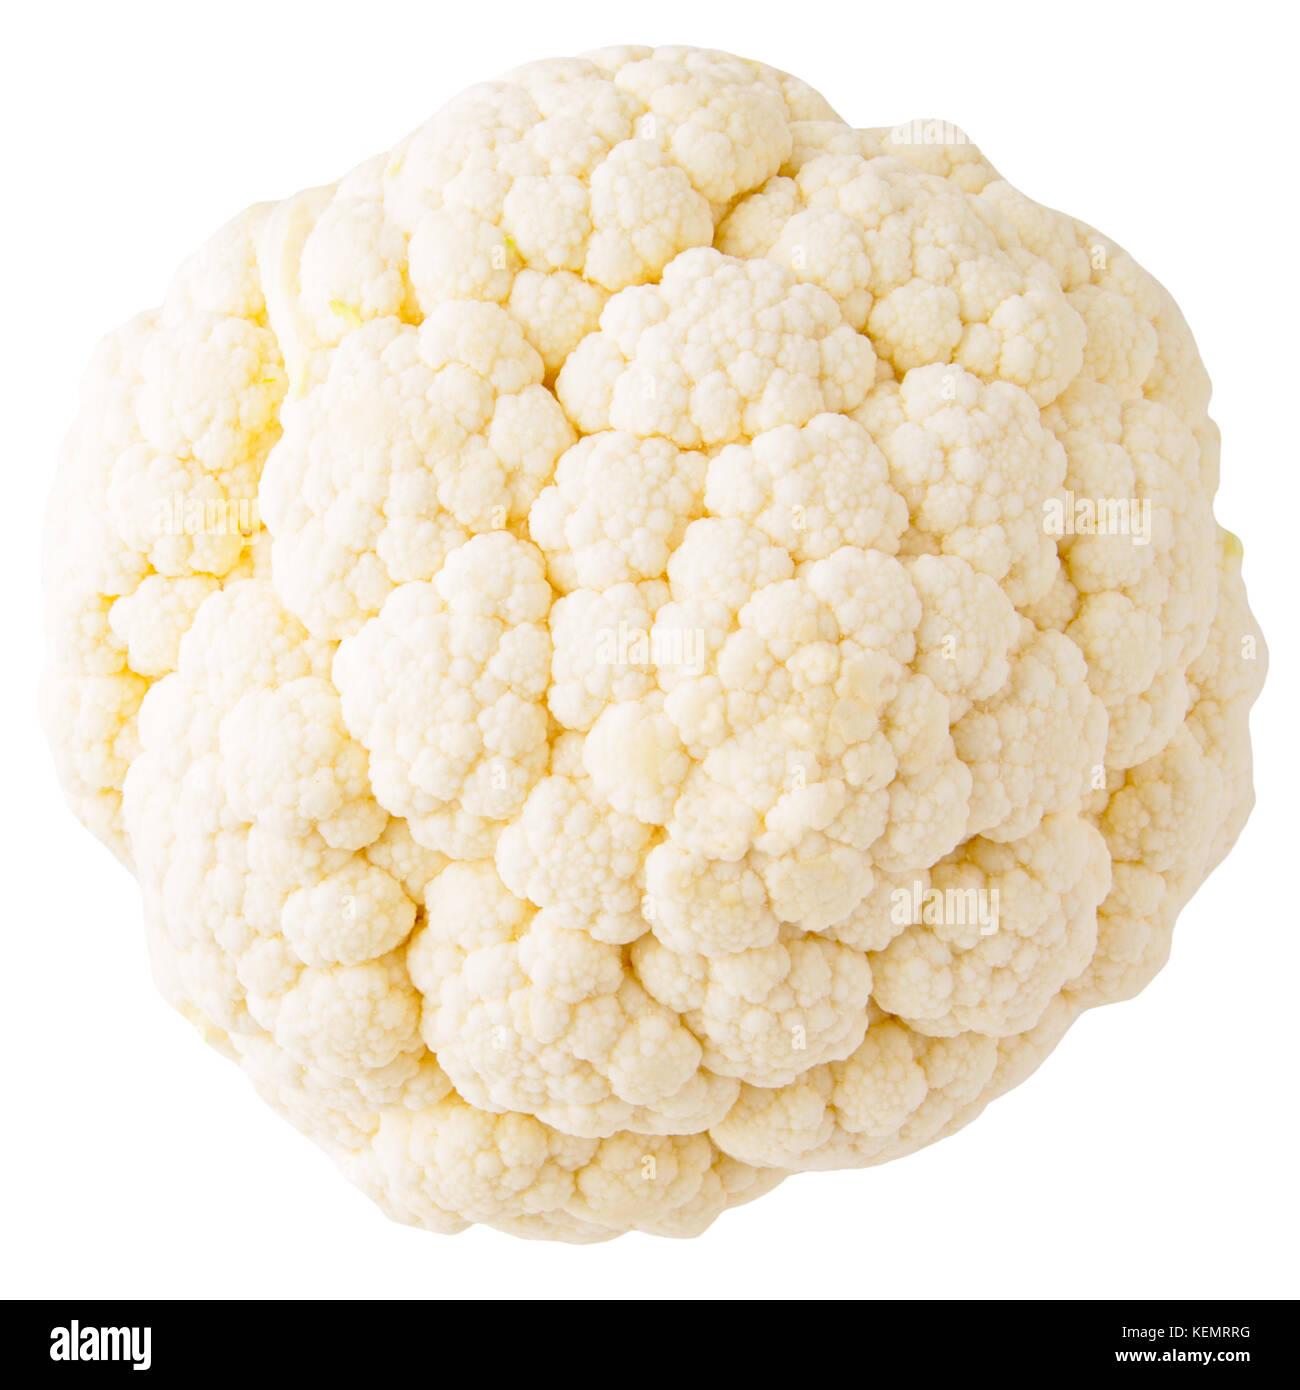 Légumes isolées. Le chou-fleur isolé sur fond blanc avec clipping path comme un élément Photo Stock